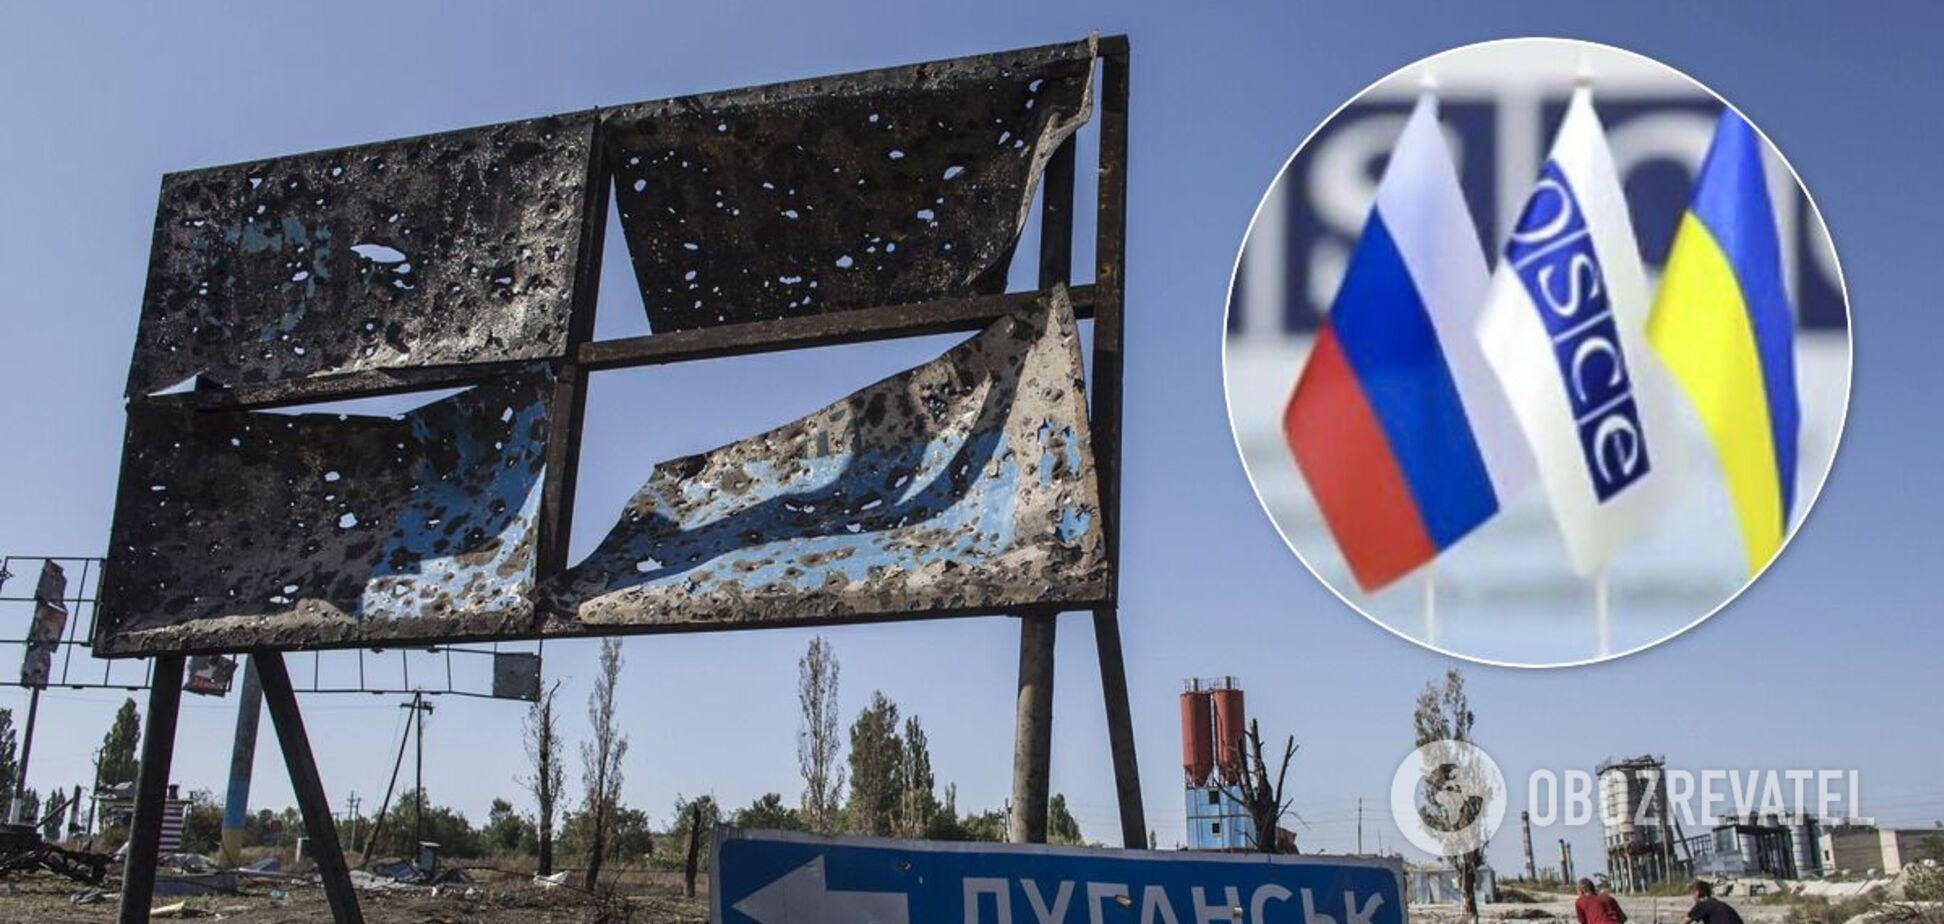 Войска РФ на Донбассе устроили 'охоту' на беспилотники ОБСЕ – штаб ООС